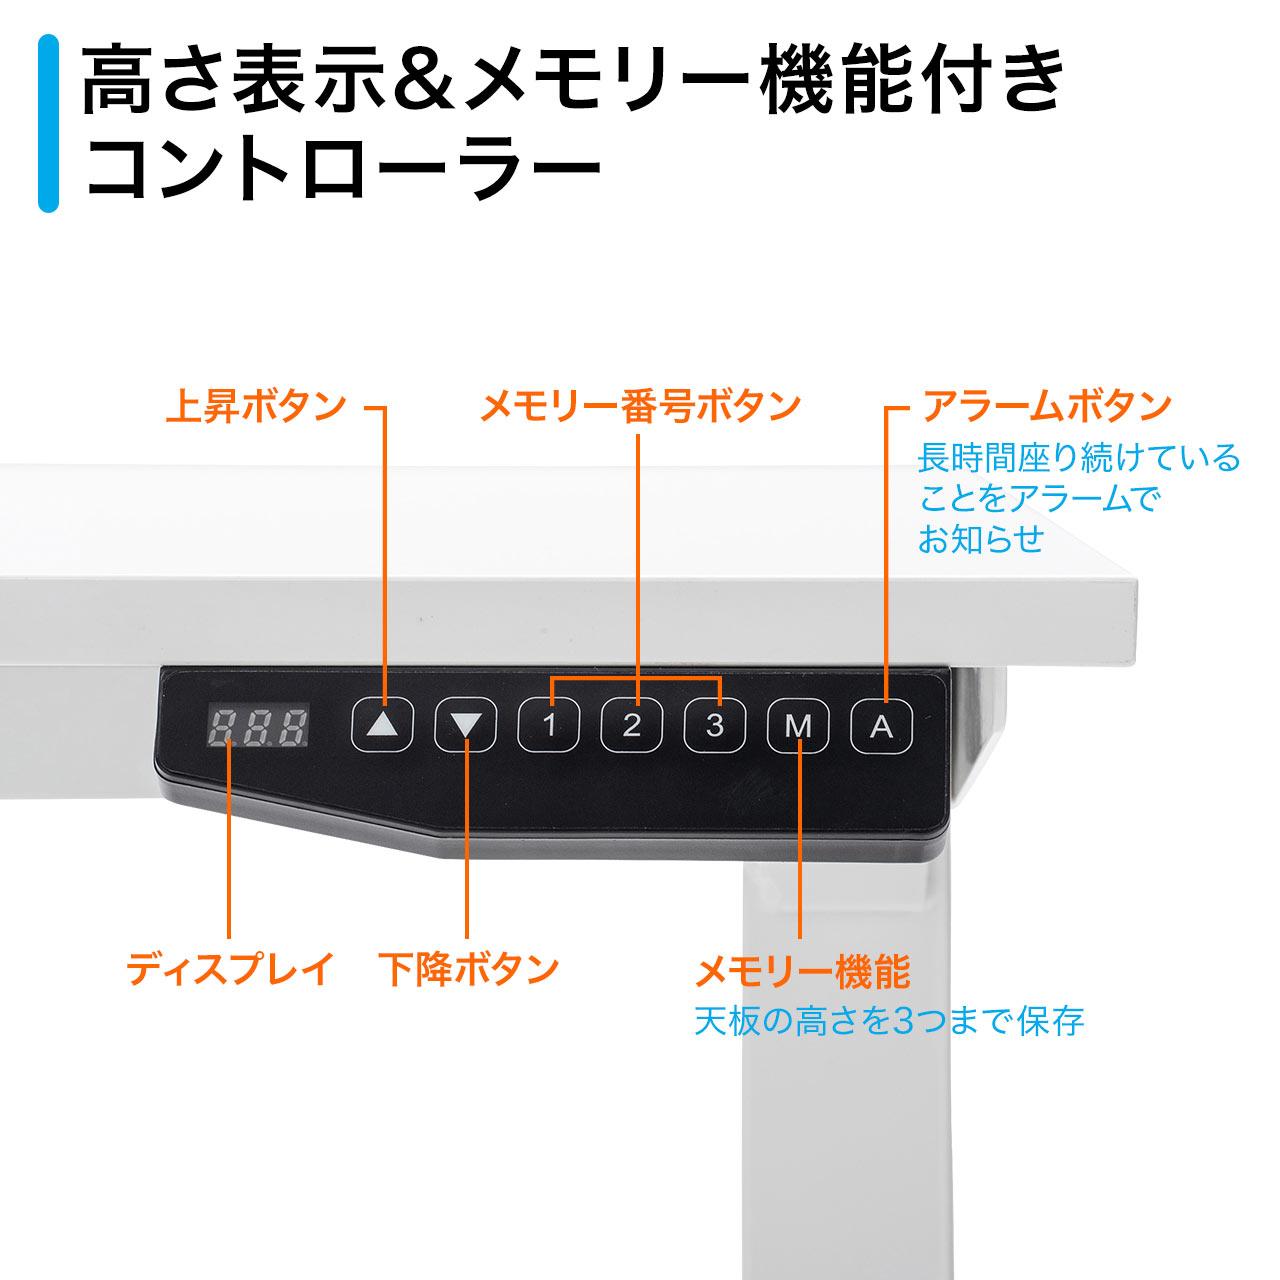 サンワダイレクト 電動上下昇降デスク(スタンディングデスク)の例